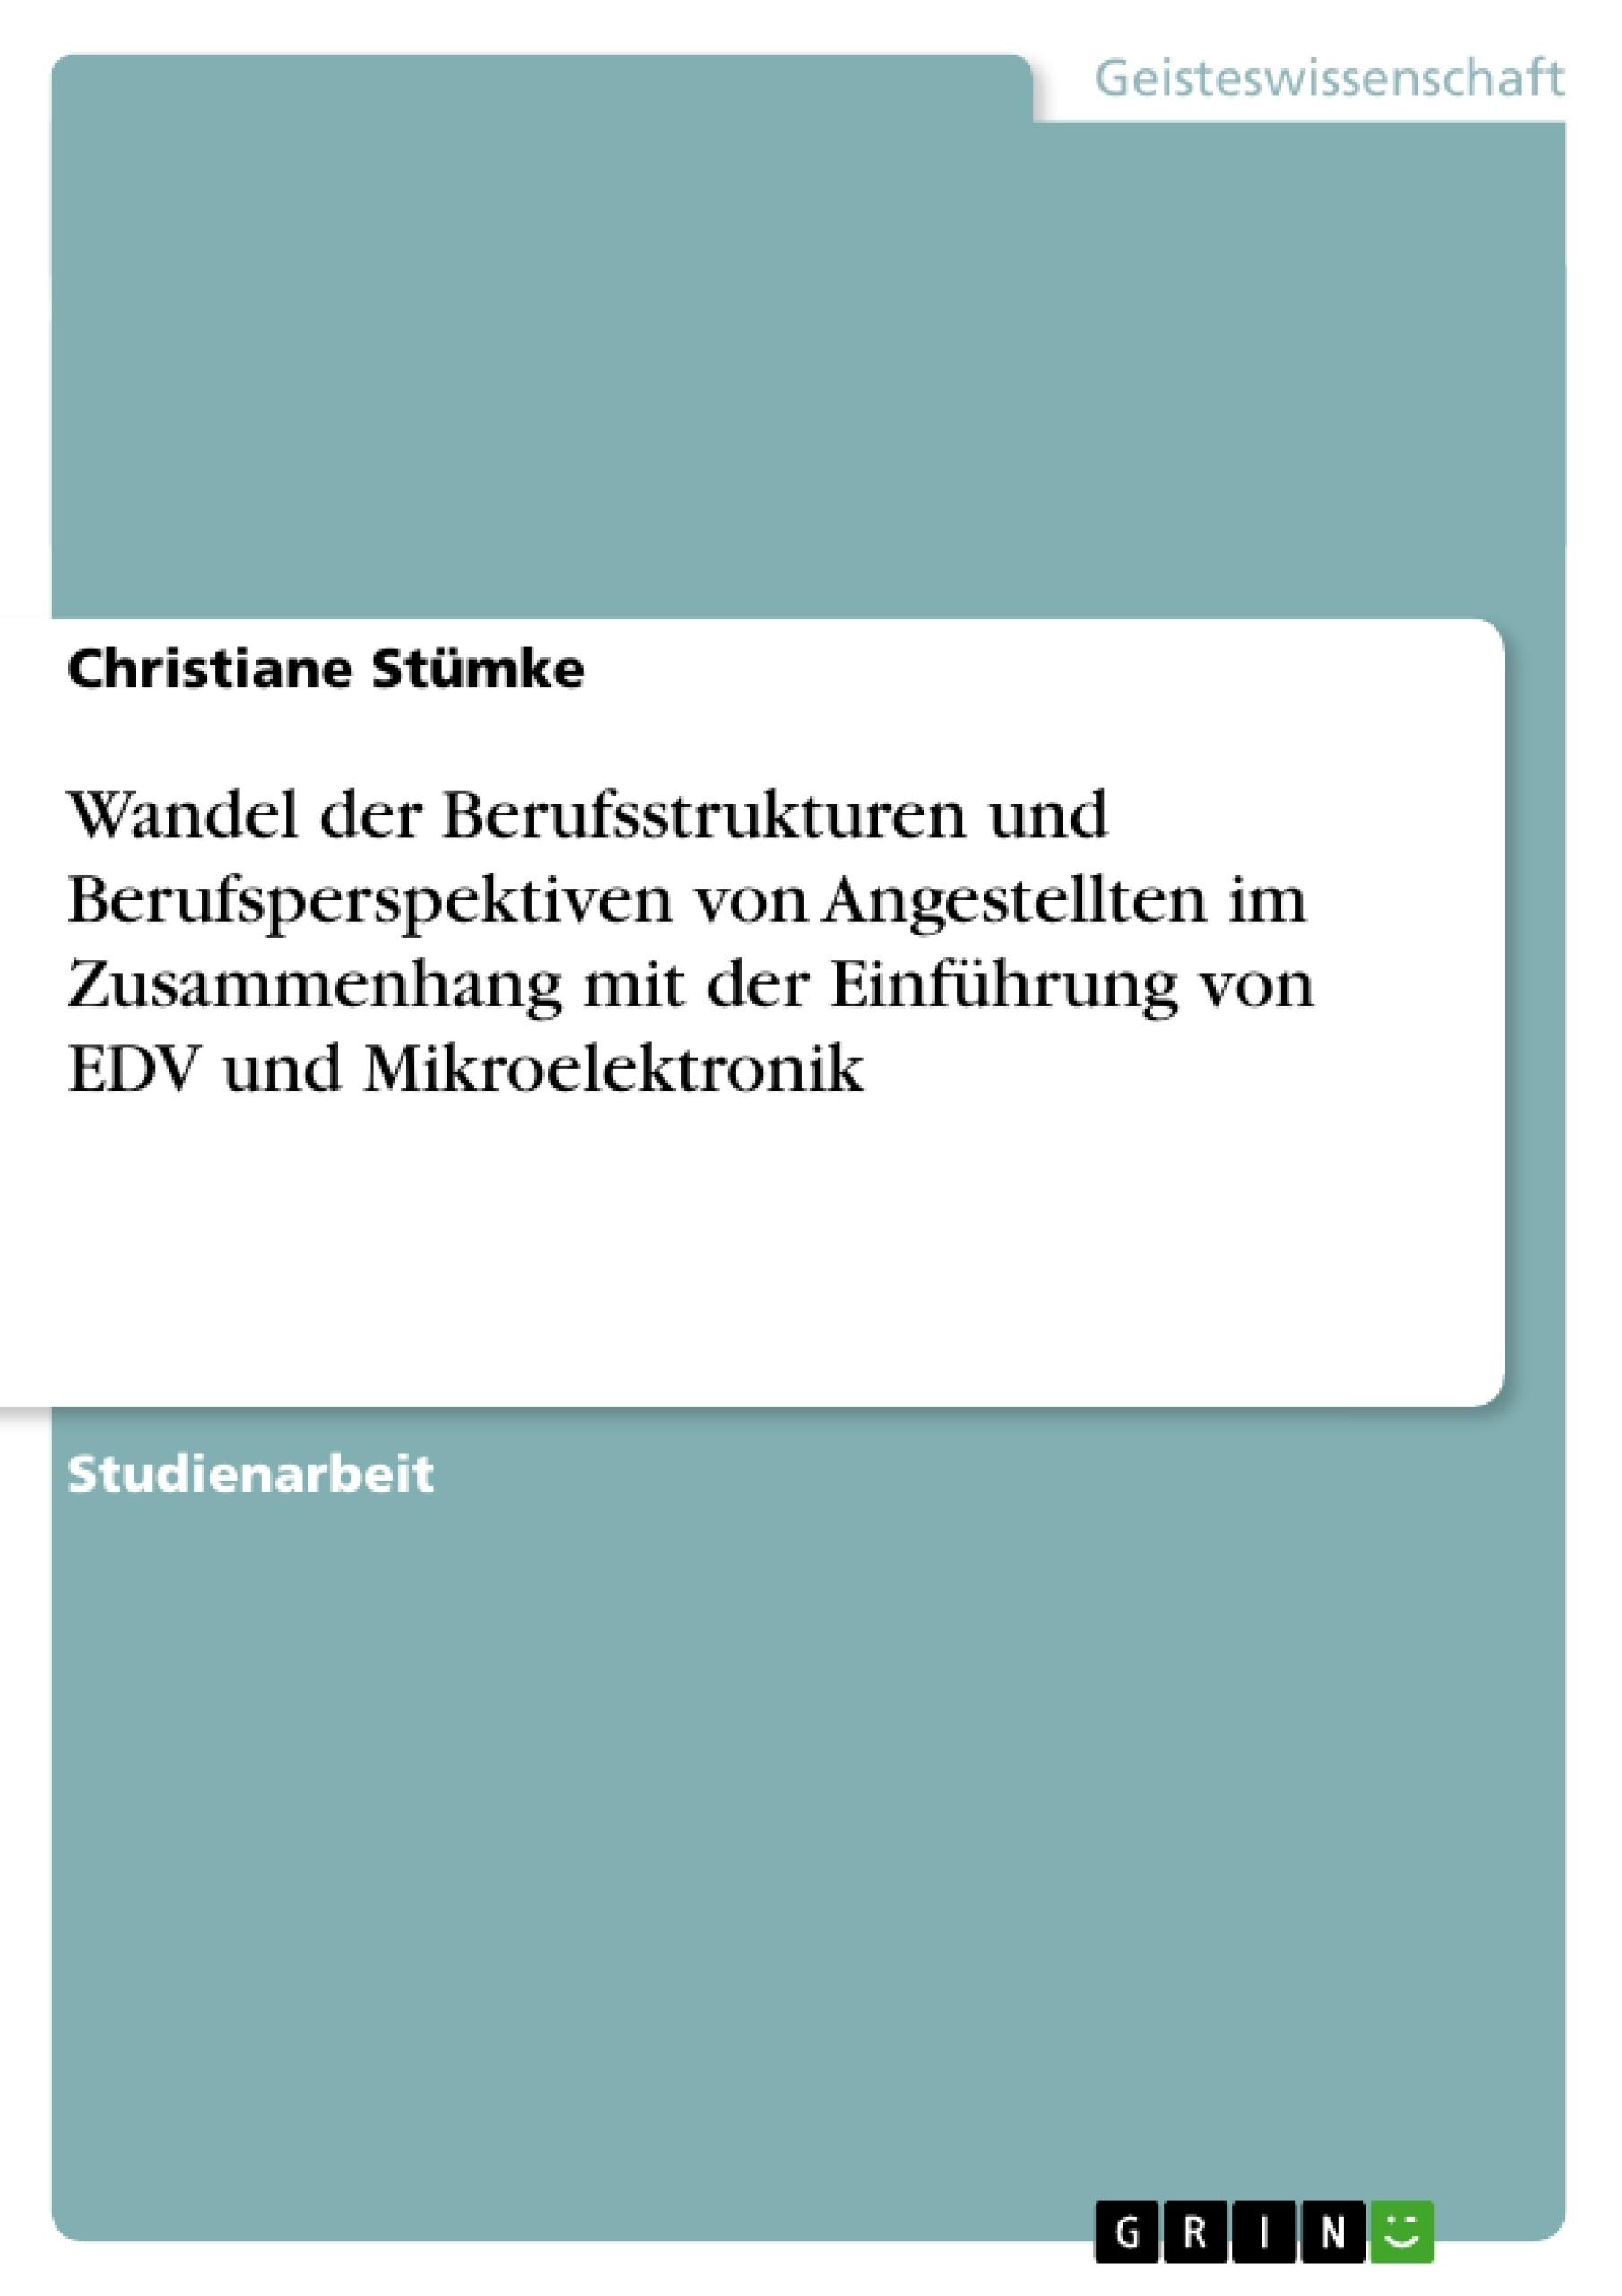 Titel: Wandel der Berufsstrukturen und Berufsperspektiven von Angestellten im Zusammenhang mit der Einführung von EDV und Mikroelektronik